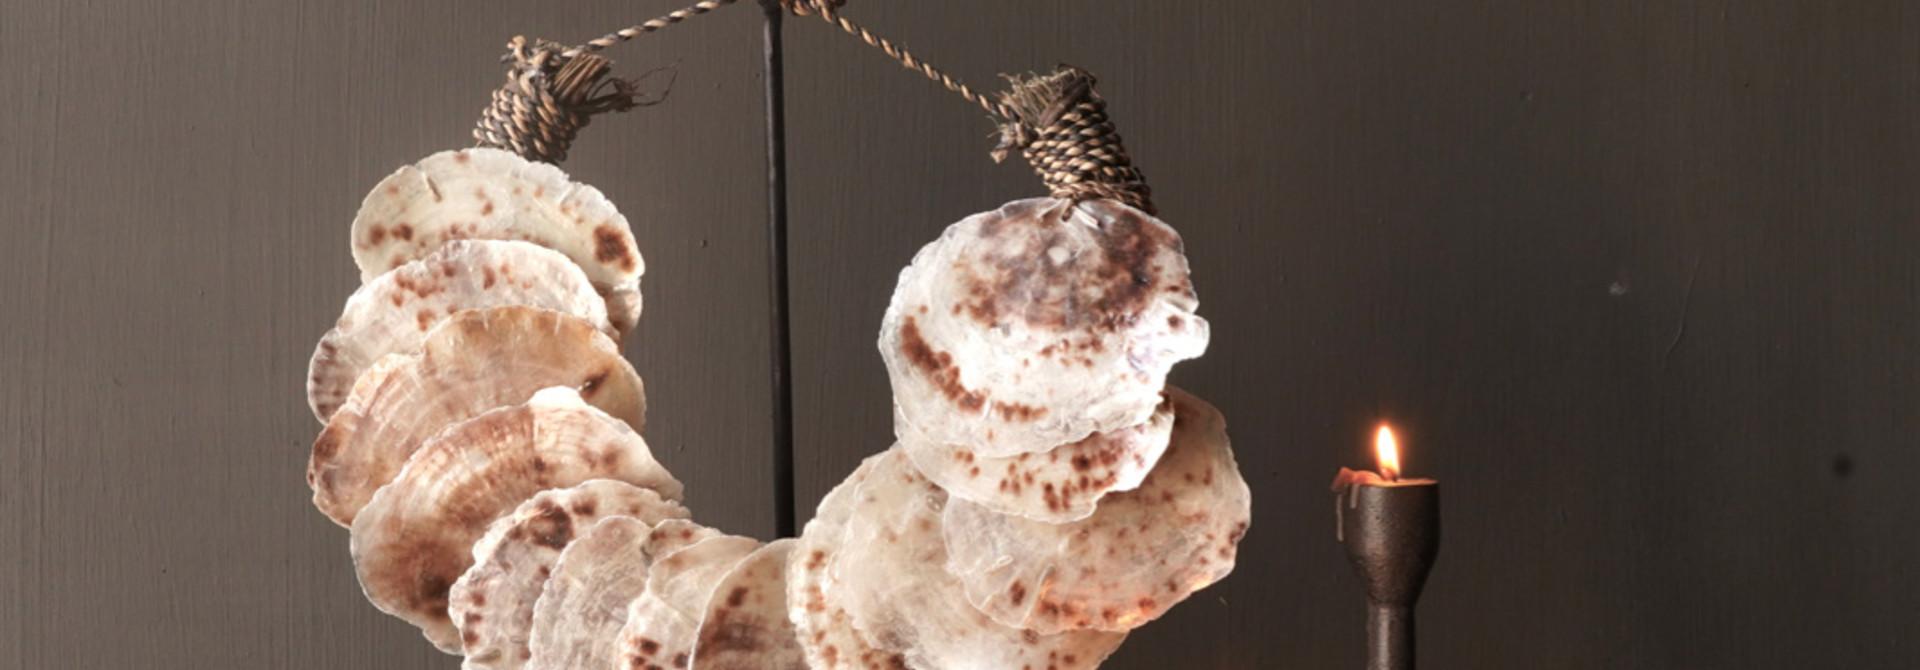 Muschelkette auf Eisenständer